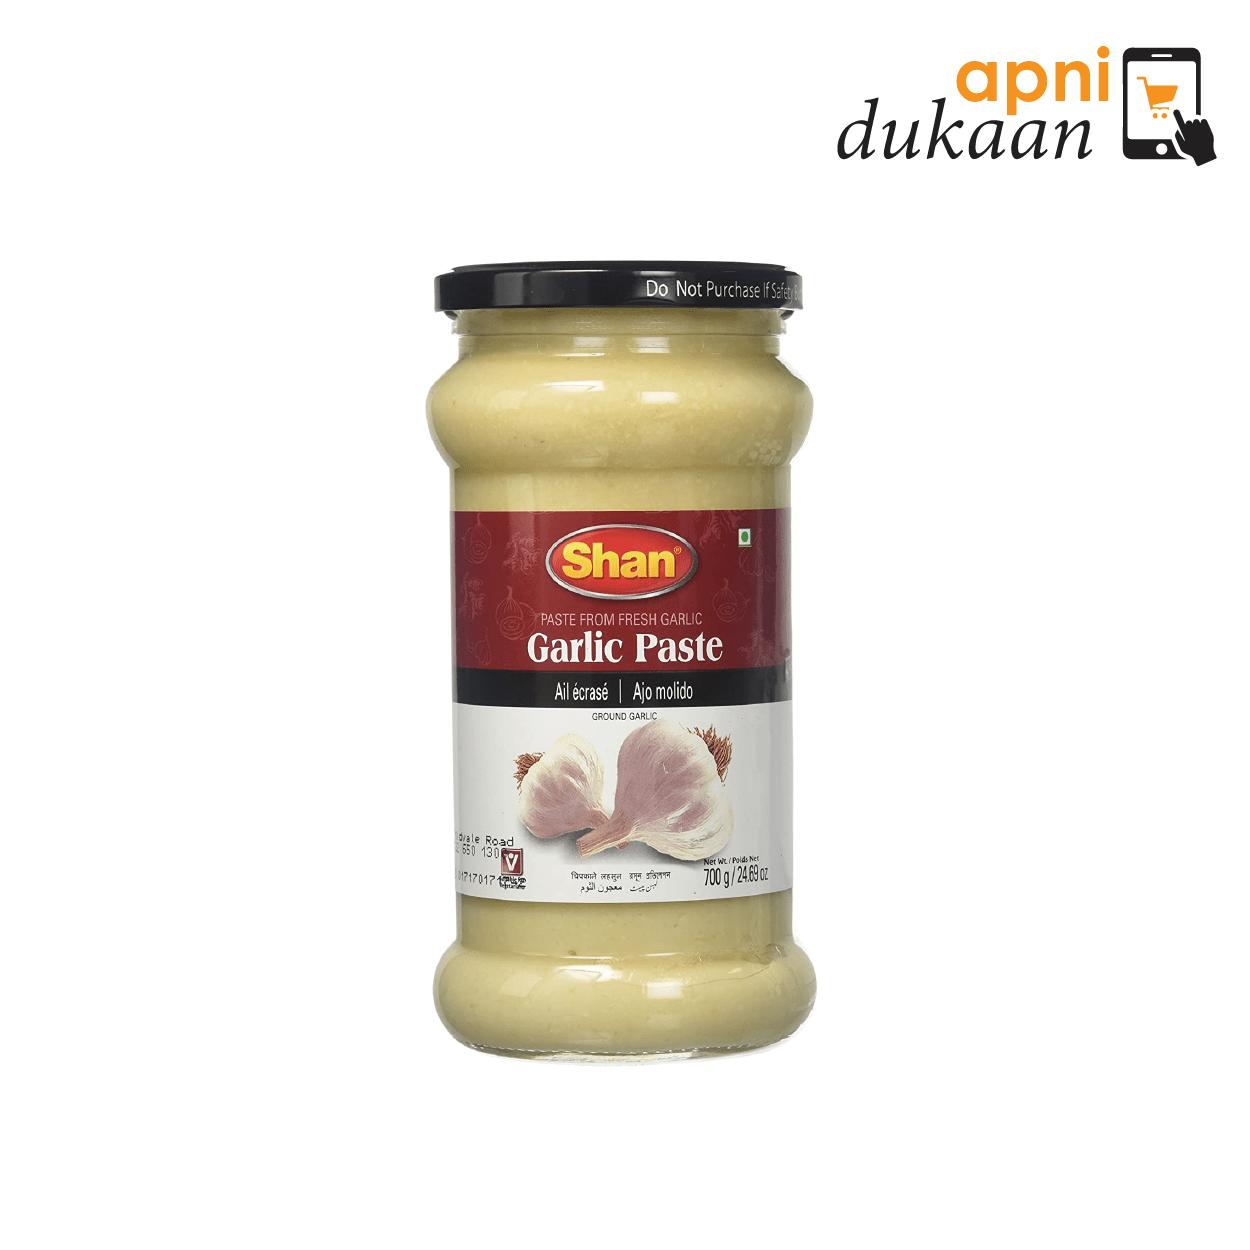 Shan Garlic Paste 700g